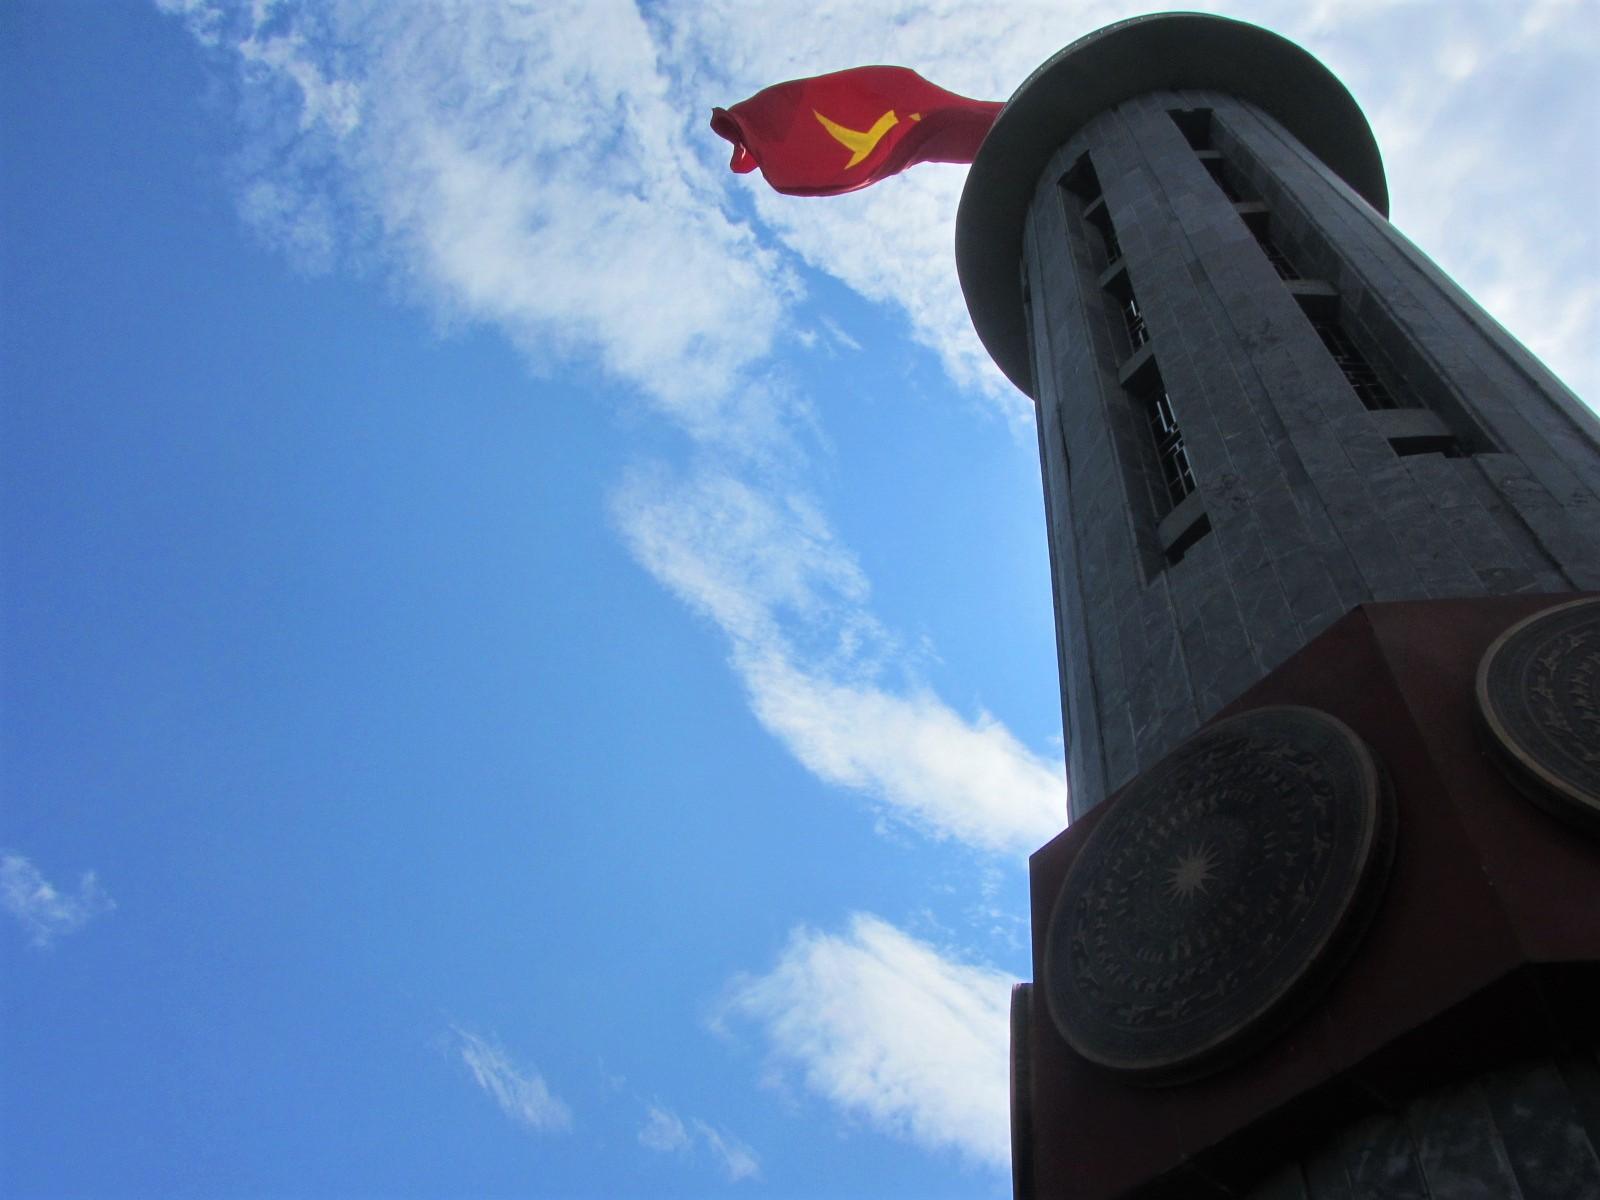 Lung Cu 'North Pole' flagstaff